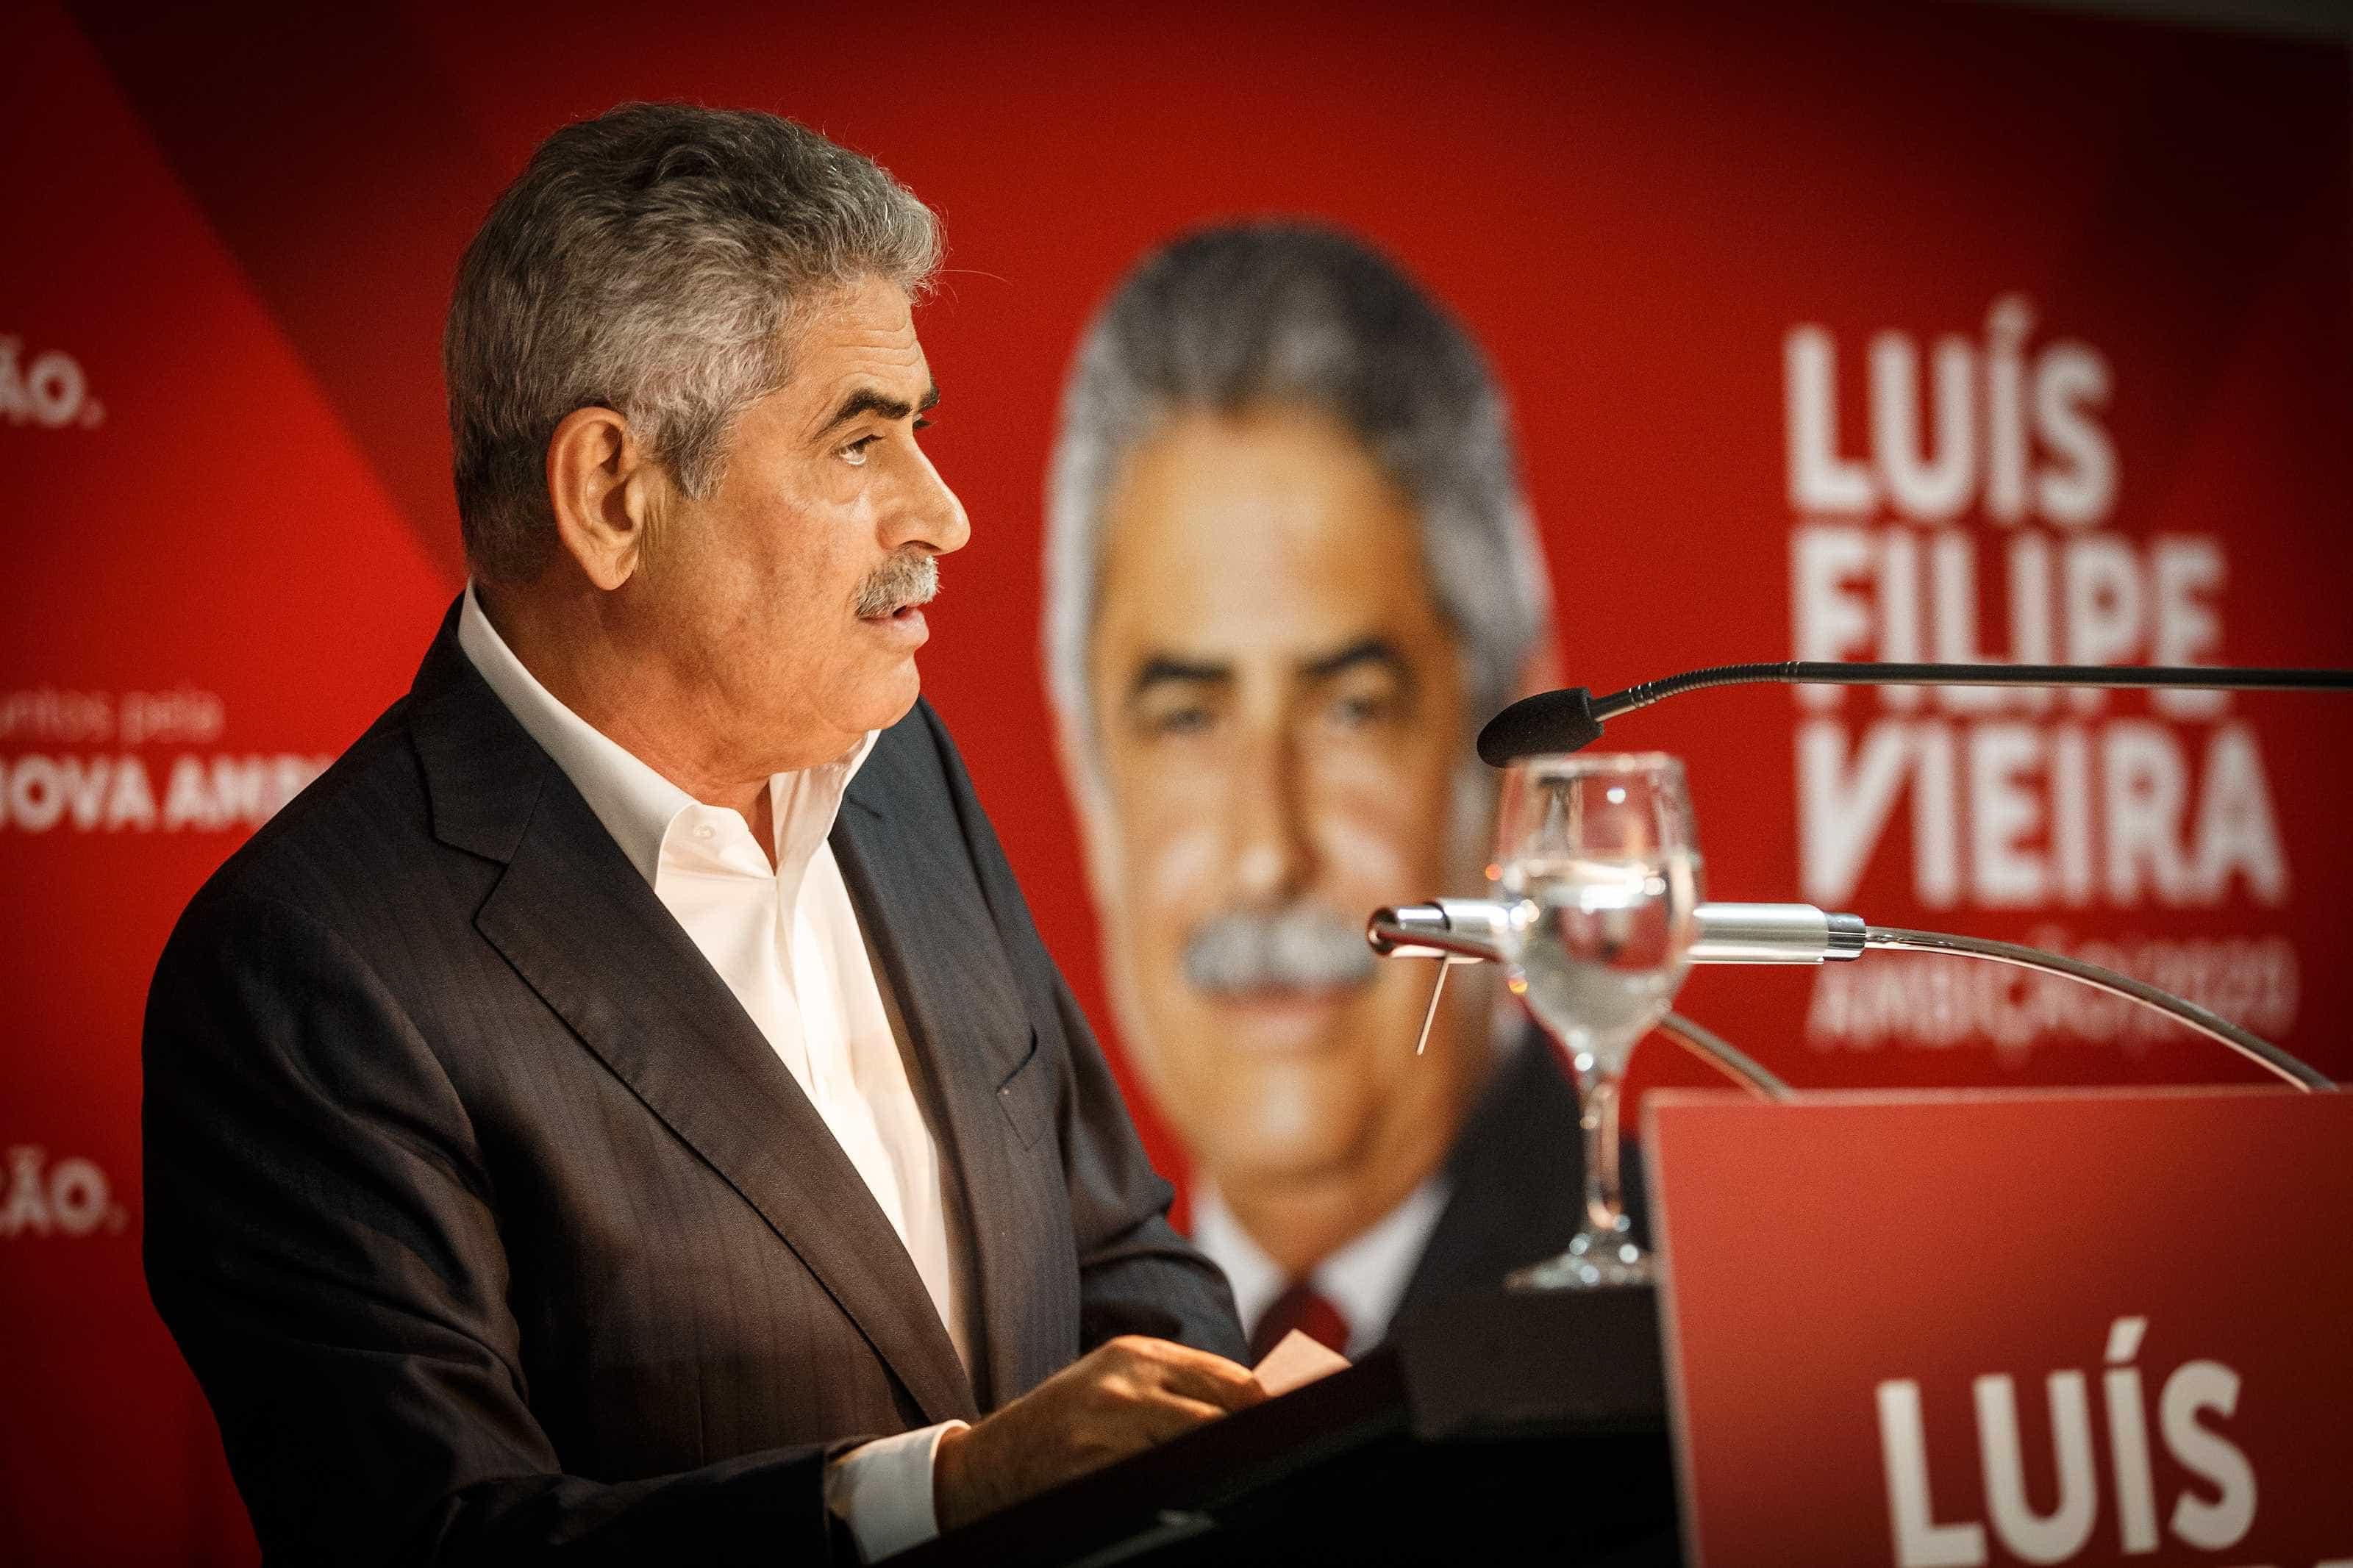 Luís Filipe Vieira não é arguido no caso dos emails. Palavra de PGR